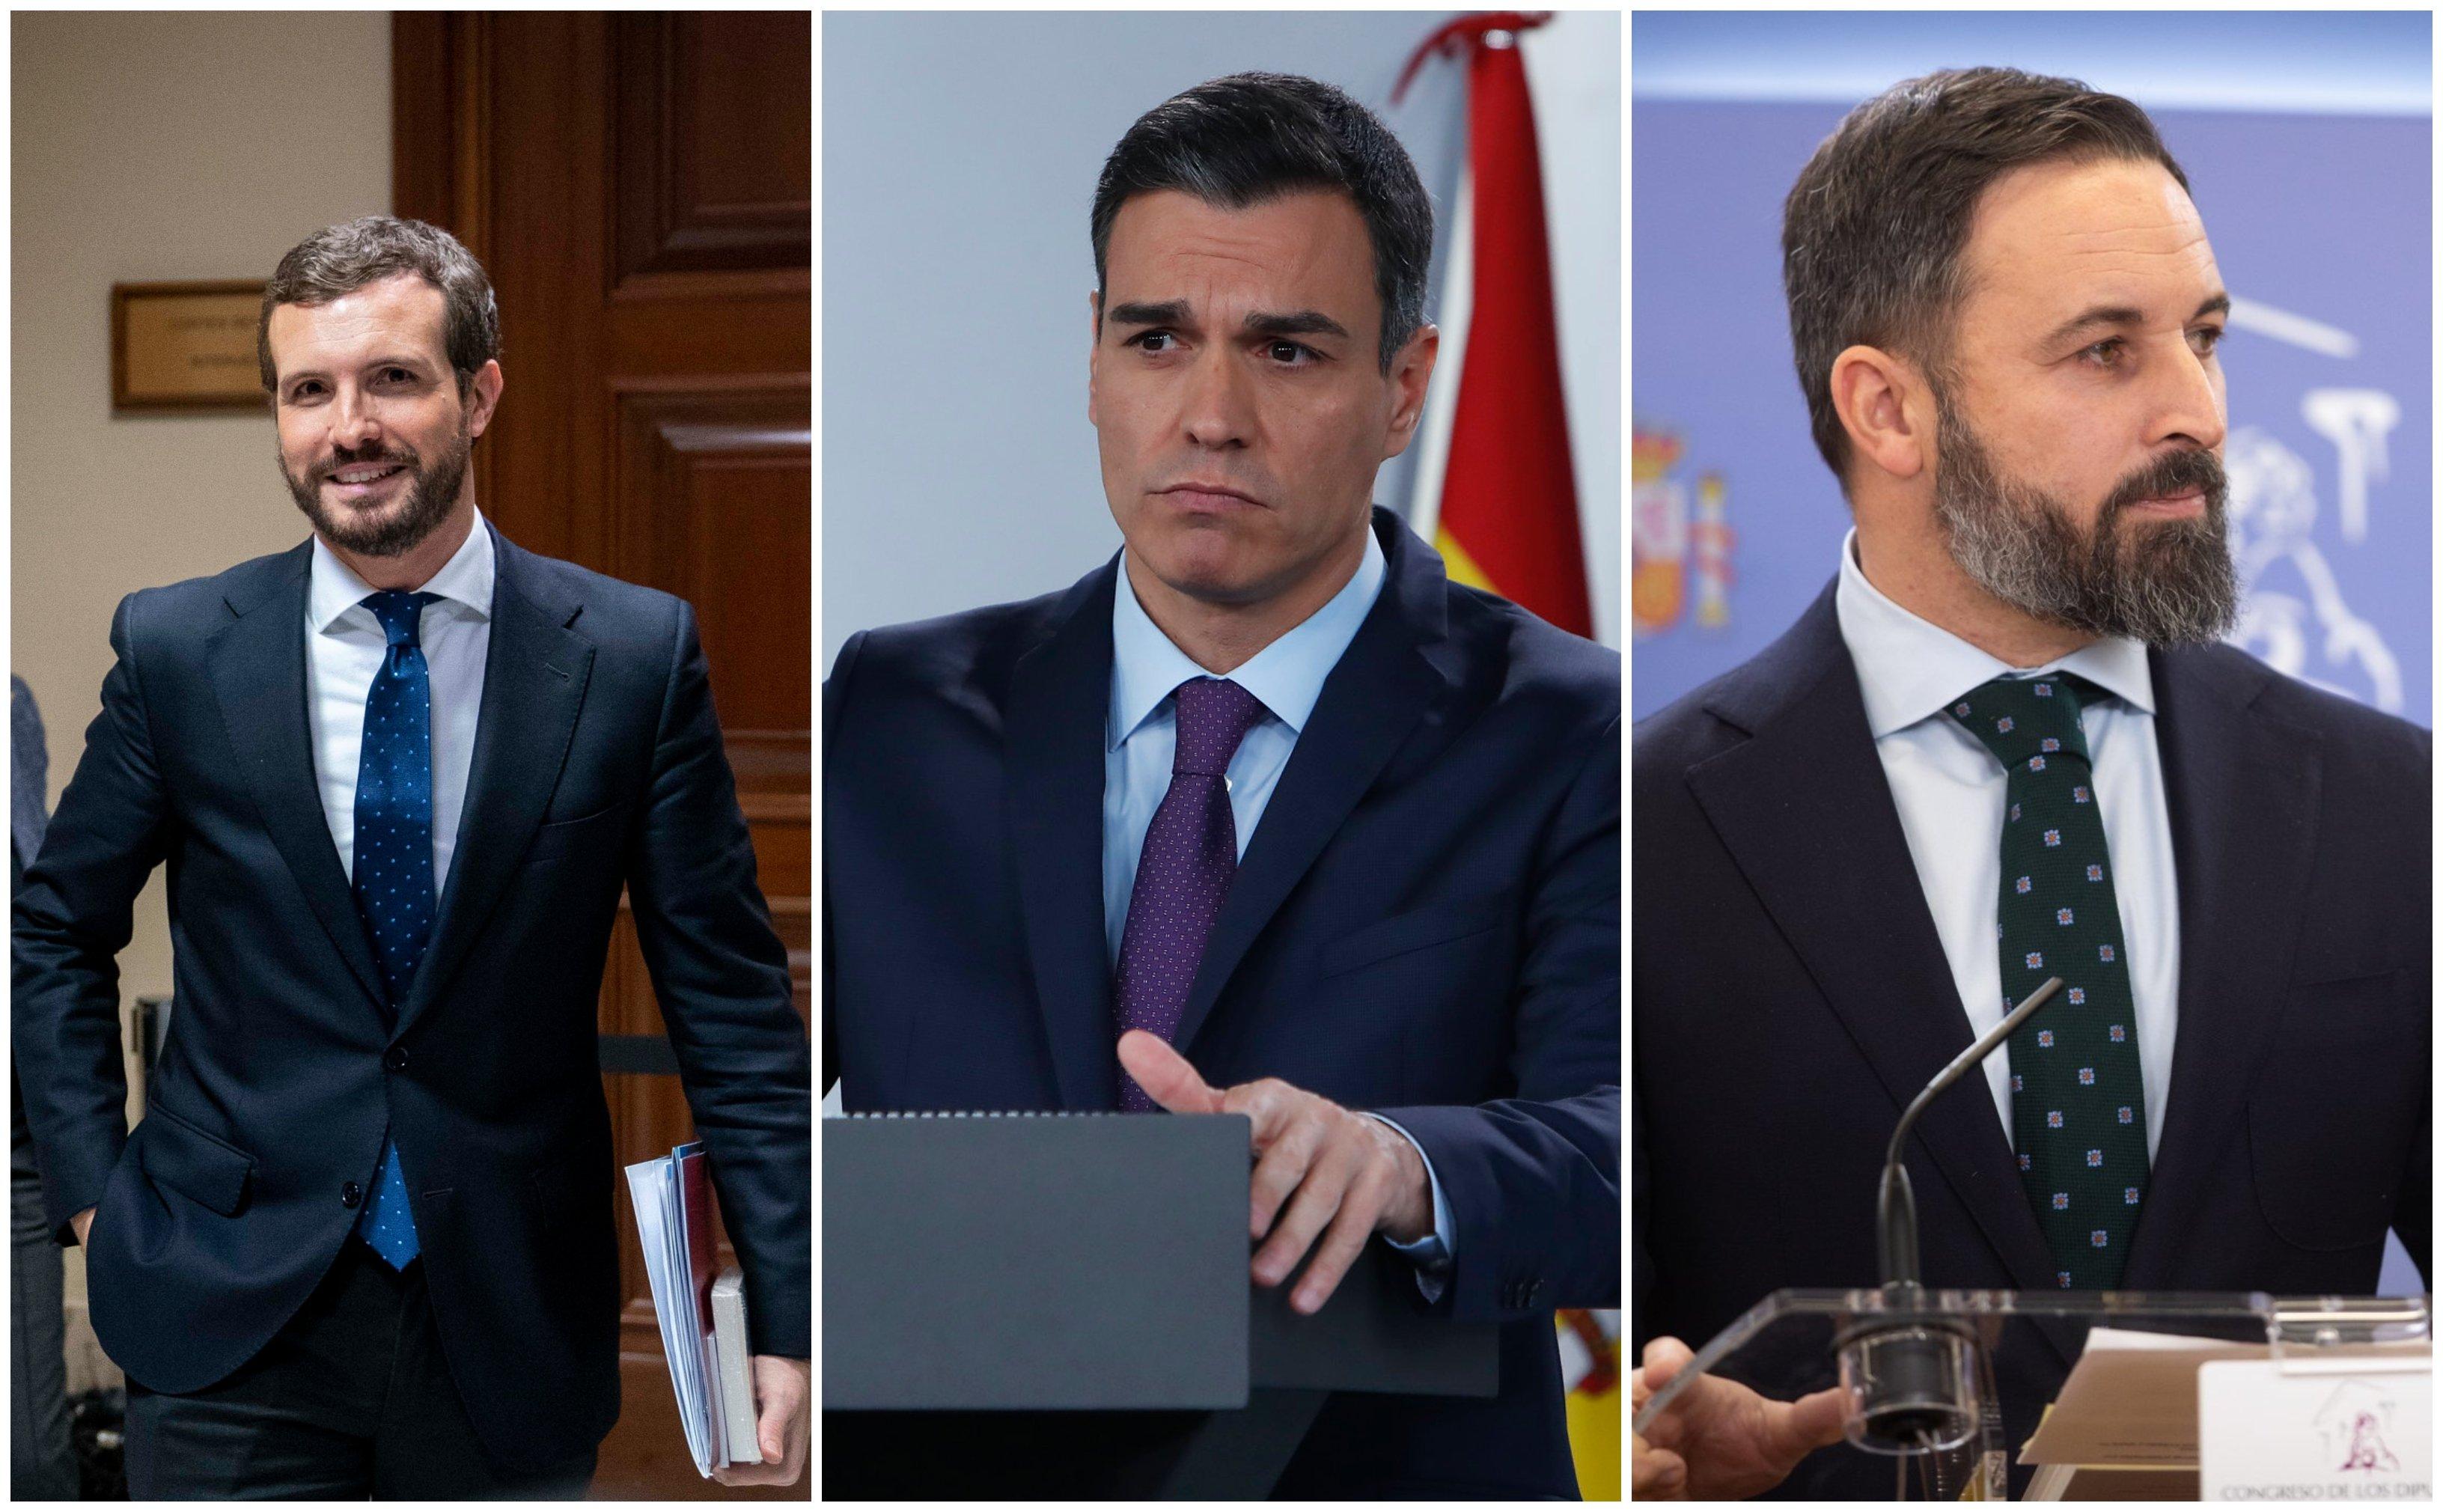 Pablo Casado y Pedro Sánchez contra el mutante Santiago Abascal